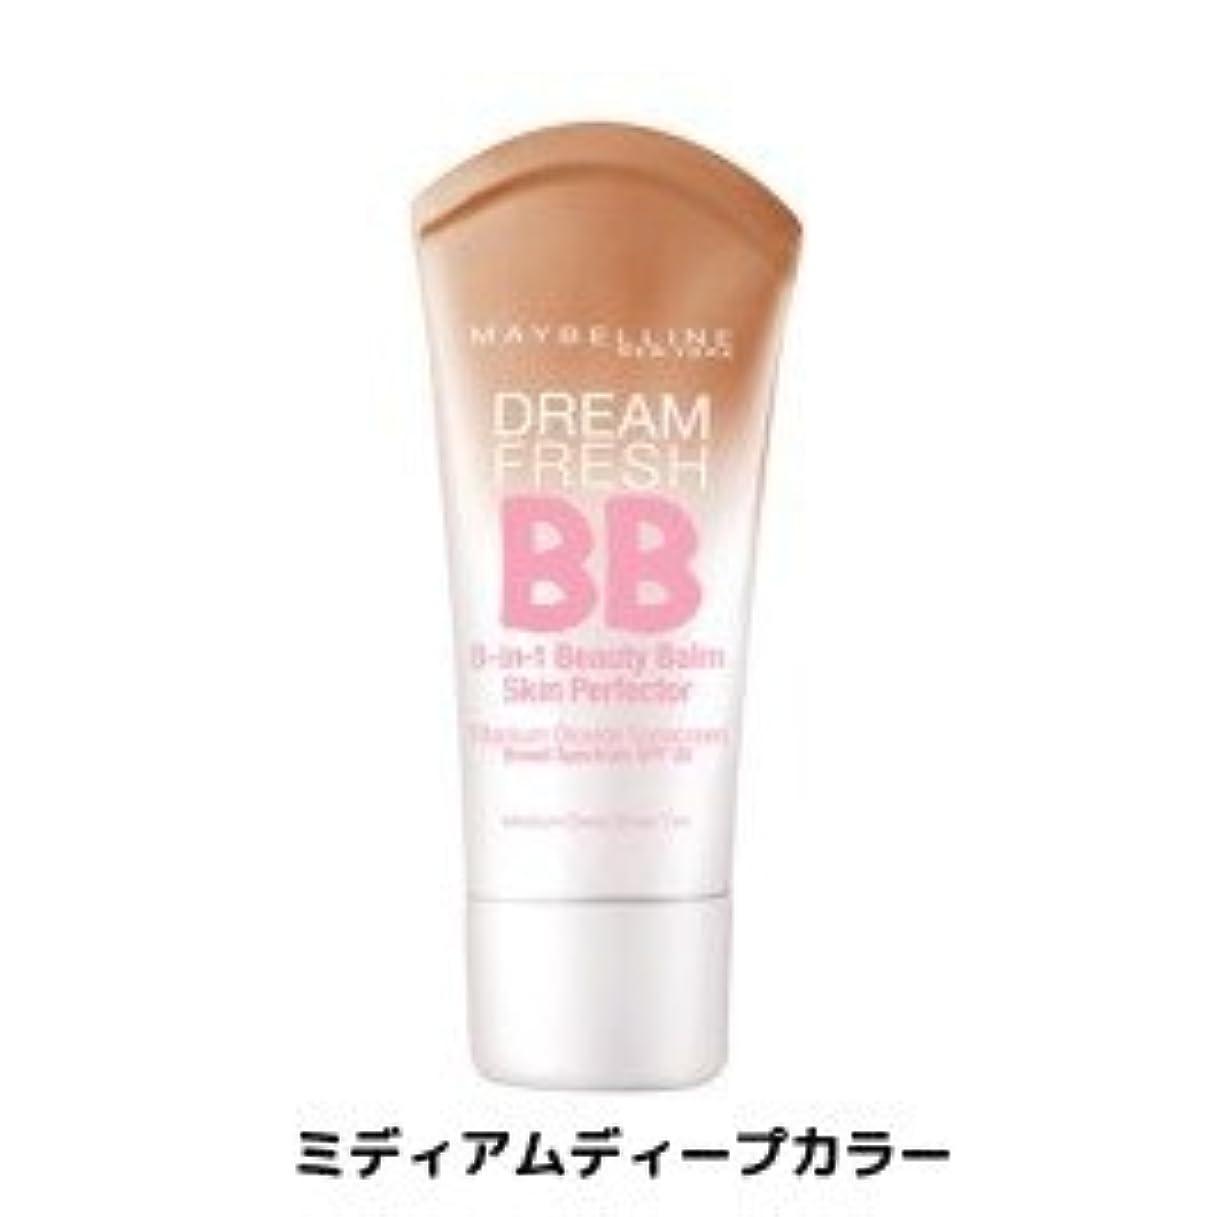 レース続けるブースメイベリン BBクリーム  SPF 30*Maybelline Dream Fresh BB Cream 30ml【平行輸入品】 (ミディアムディープカラー)